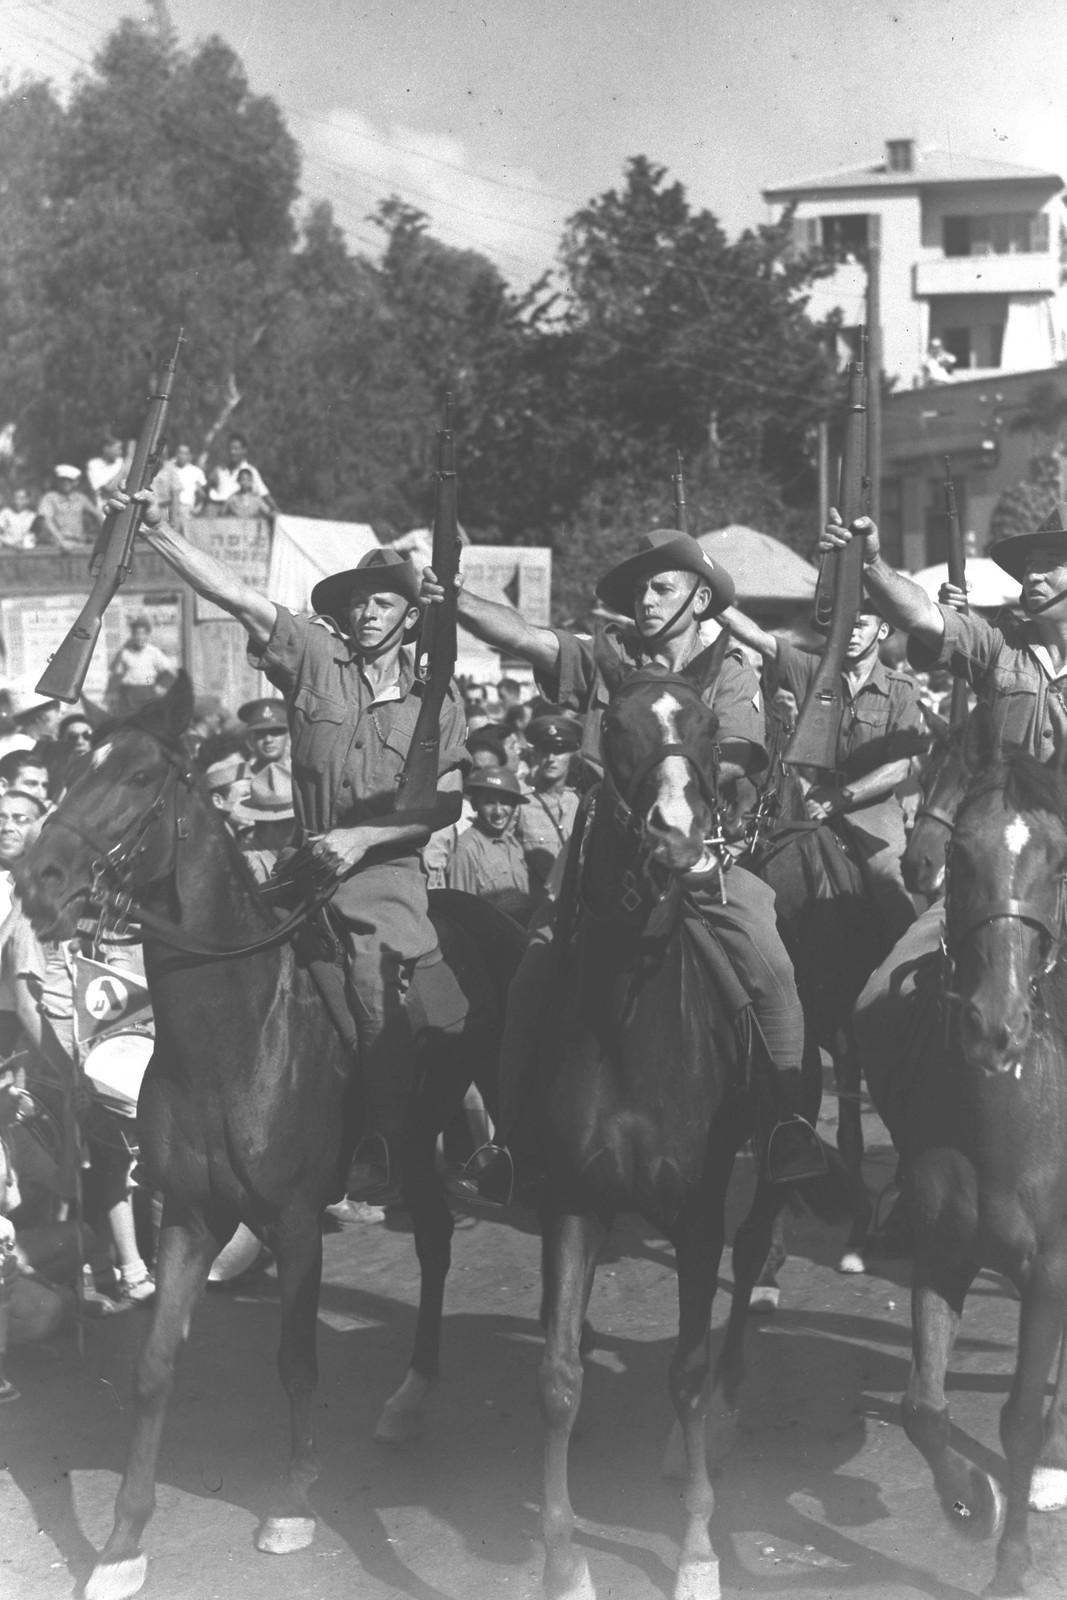 10. 1942. Члены Еврейской поселенческой полиции маршируют в Тель-авиве в «День еврейского солдата». 27 сентября